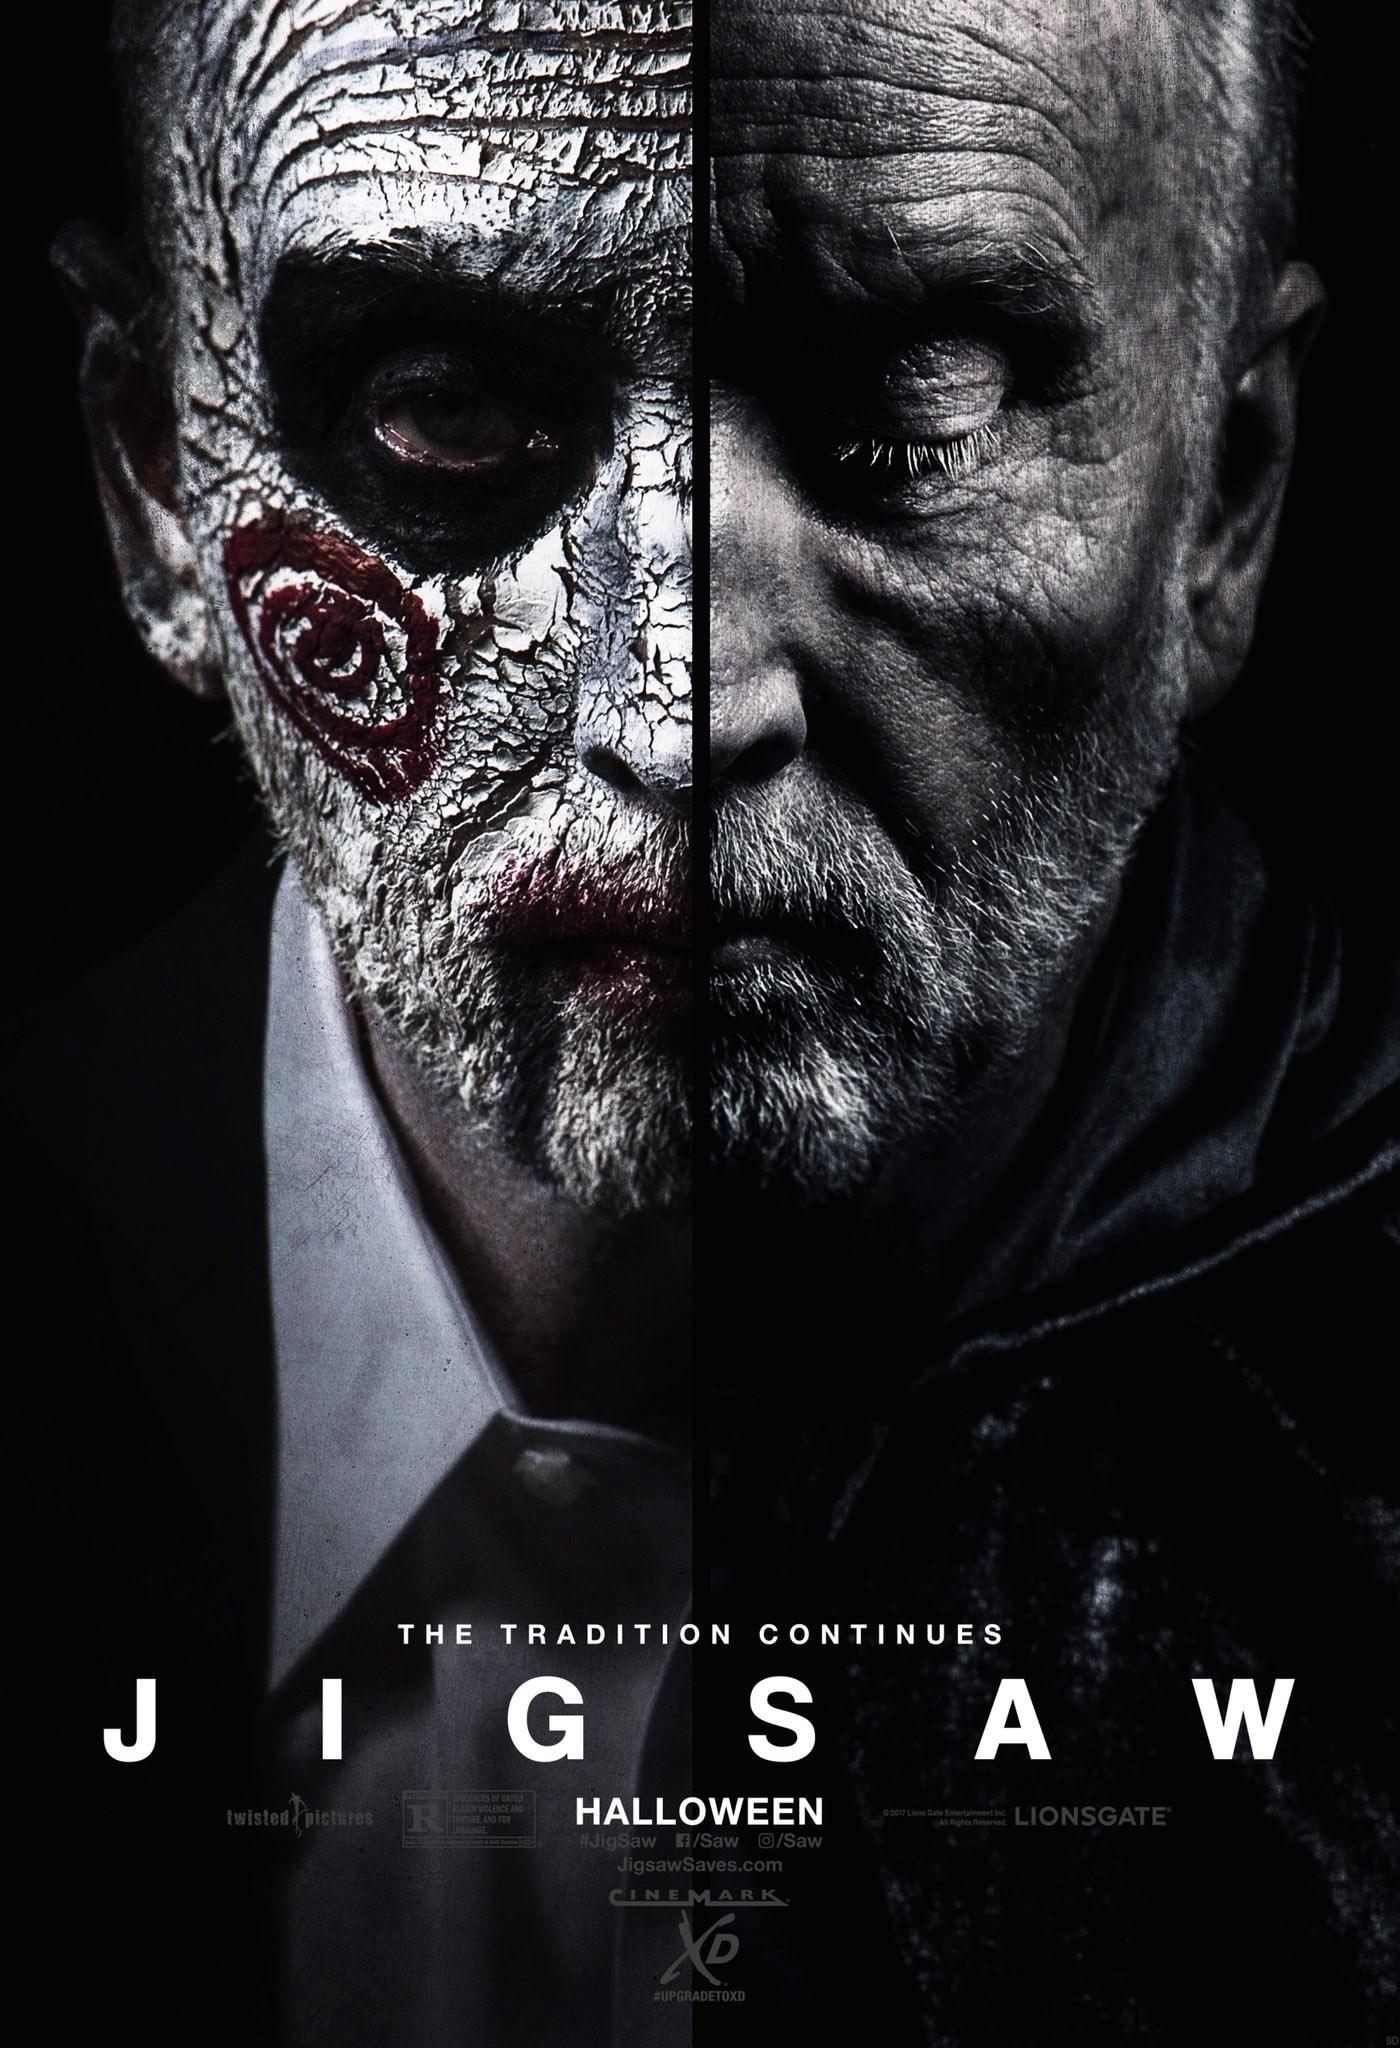 Pelicula Saw 8 Jigsaw 2017 Jigsaw Saw Legacy Saw 8 Saw